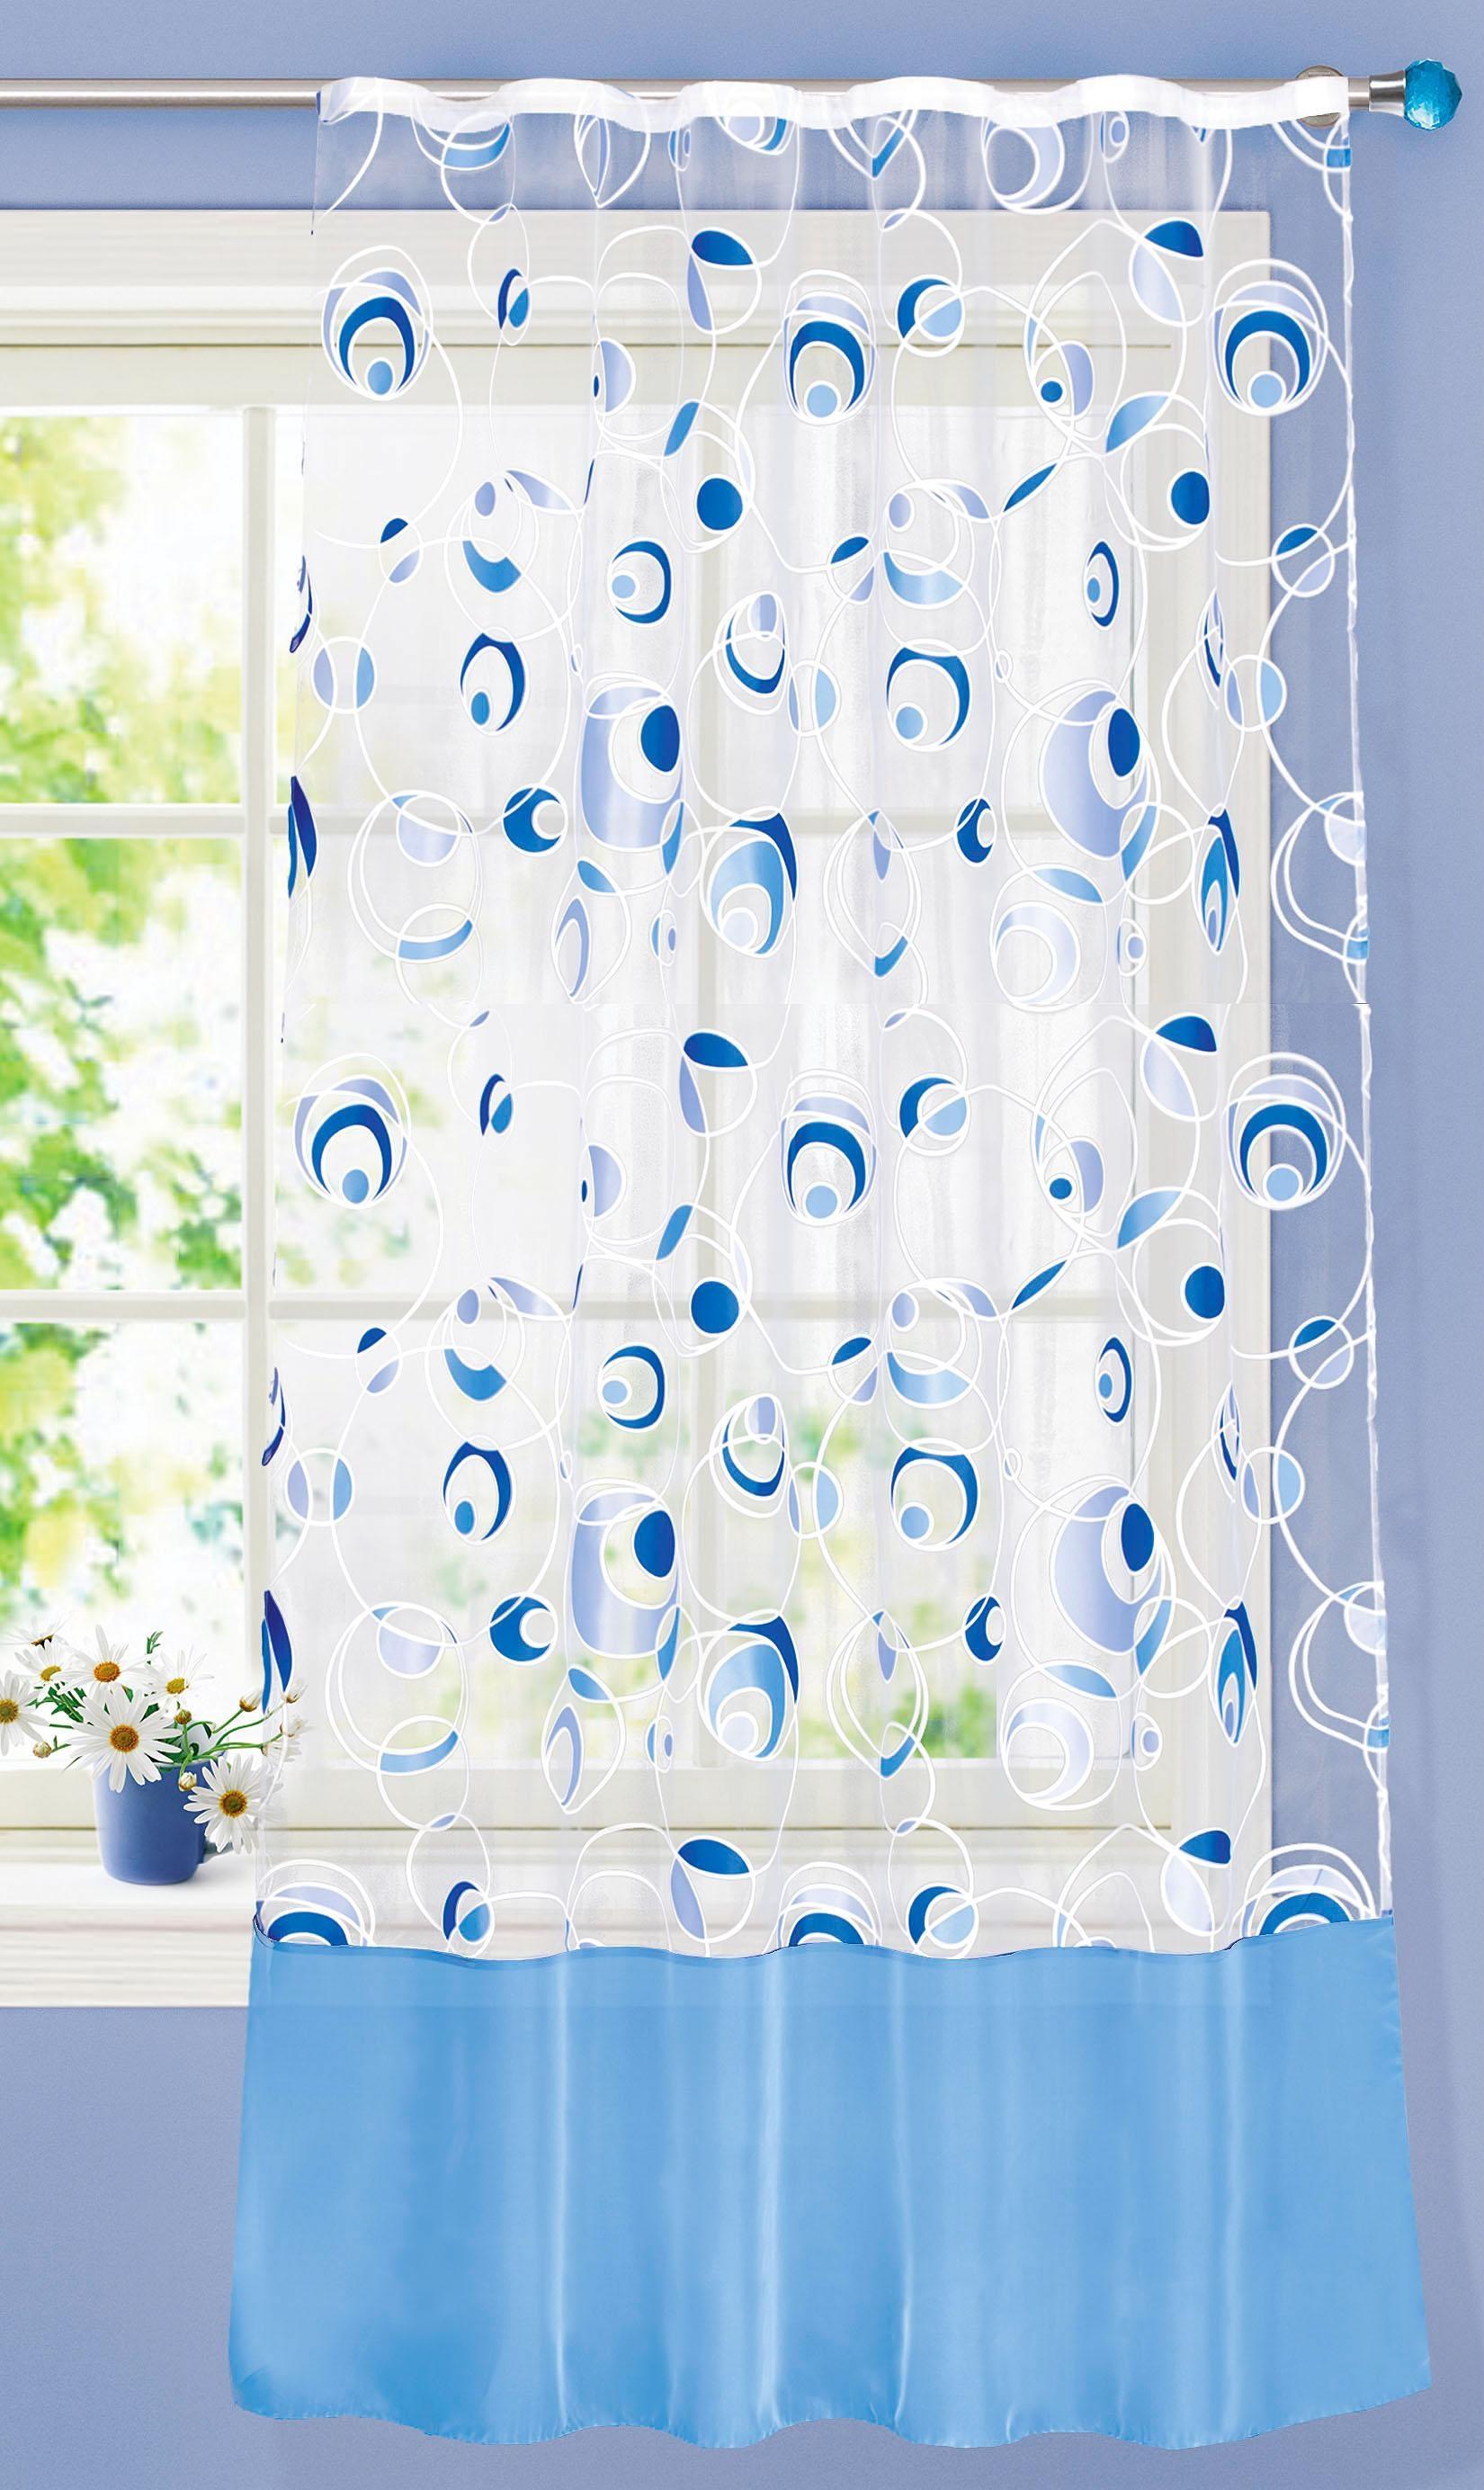 Купить Шторы Garden, Классические шторы Jaylee Цвет: Голубой, Турция, Органза